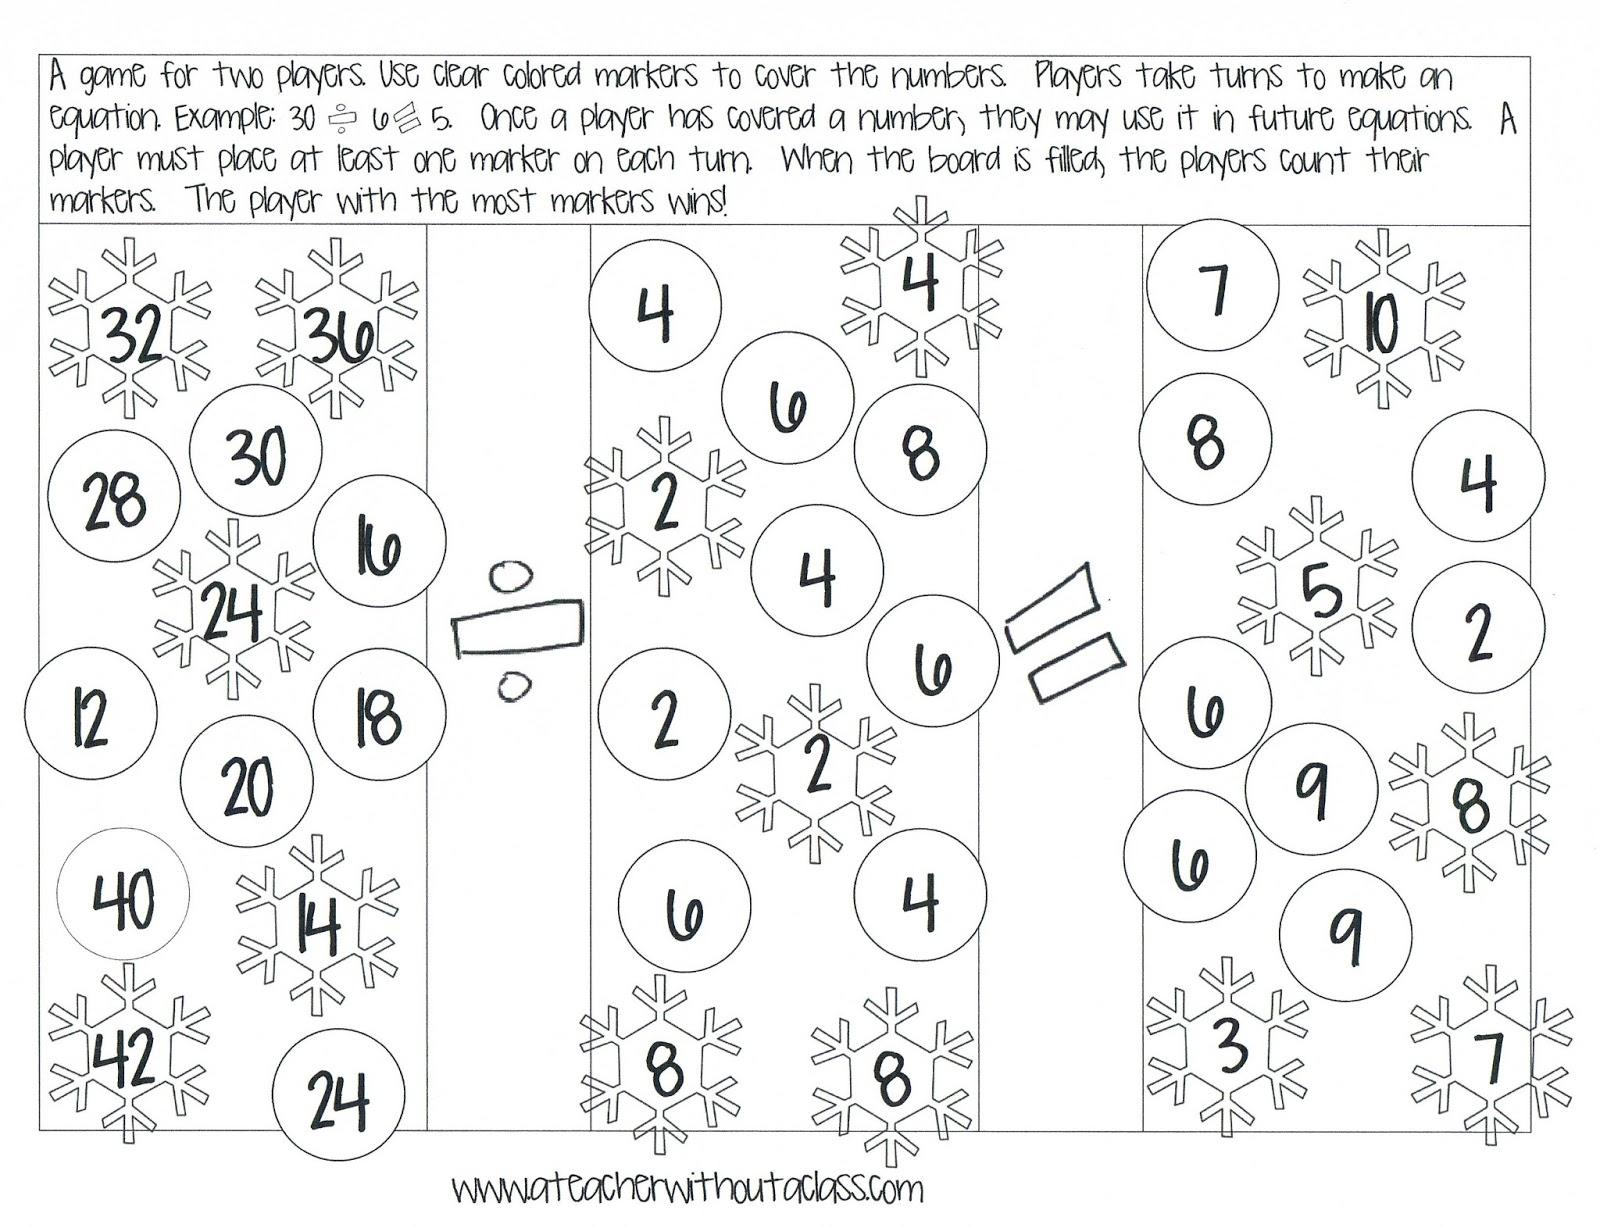 A Teacher without a Class: Division Math Games!